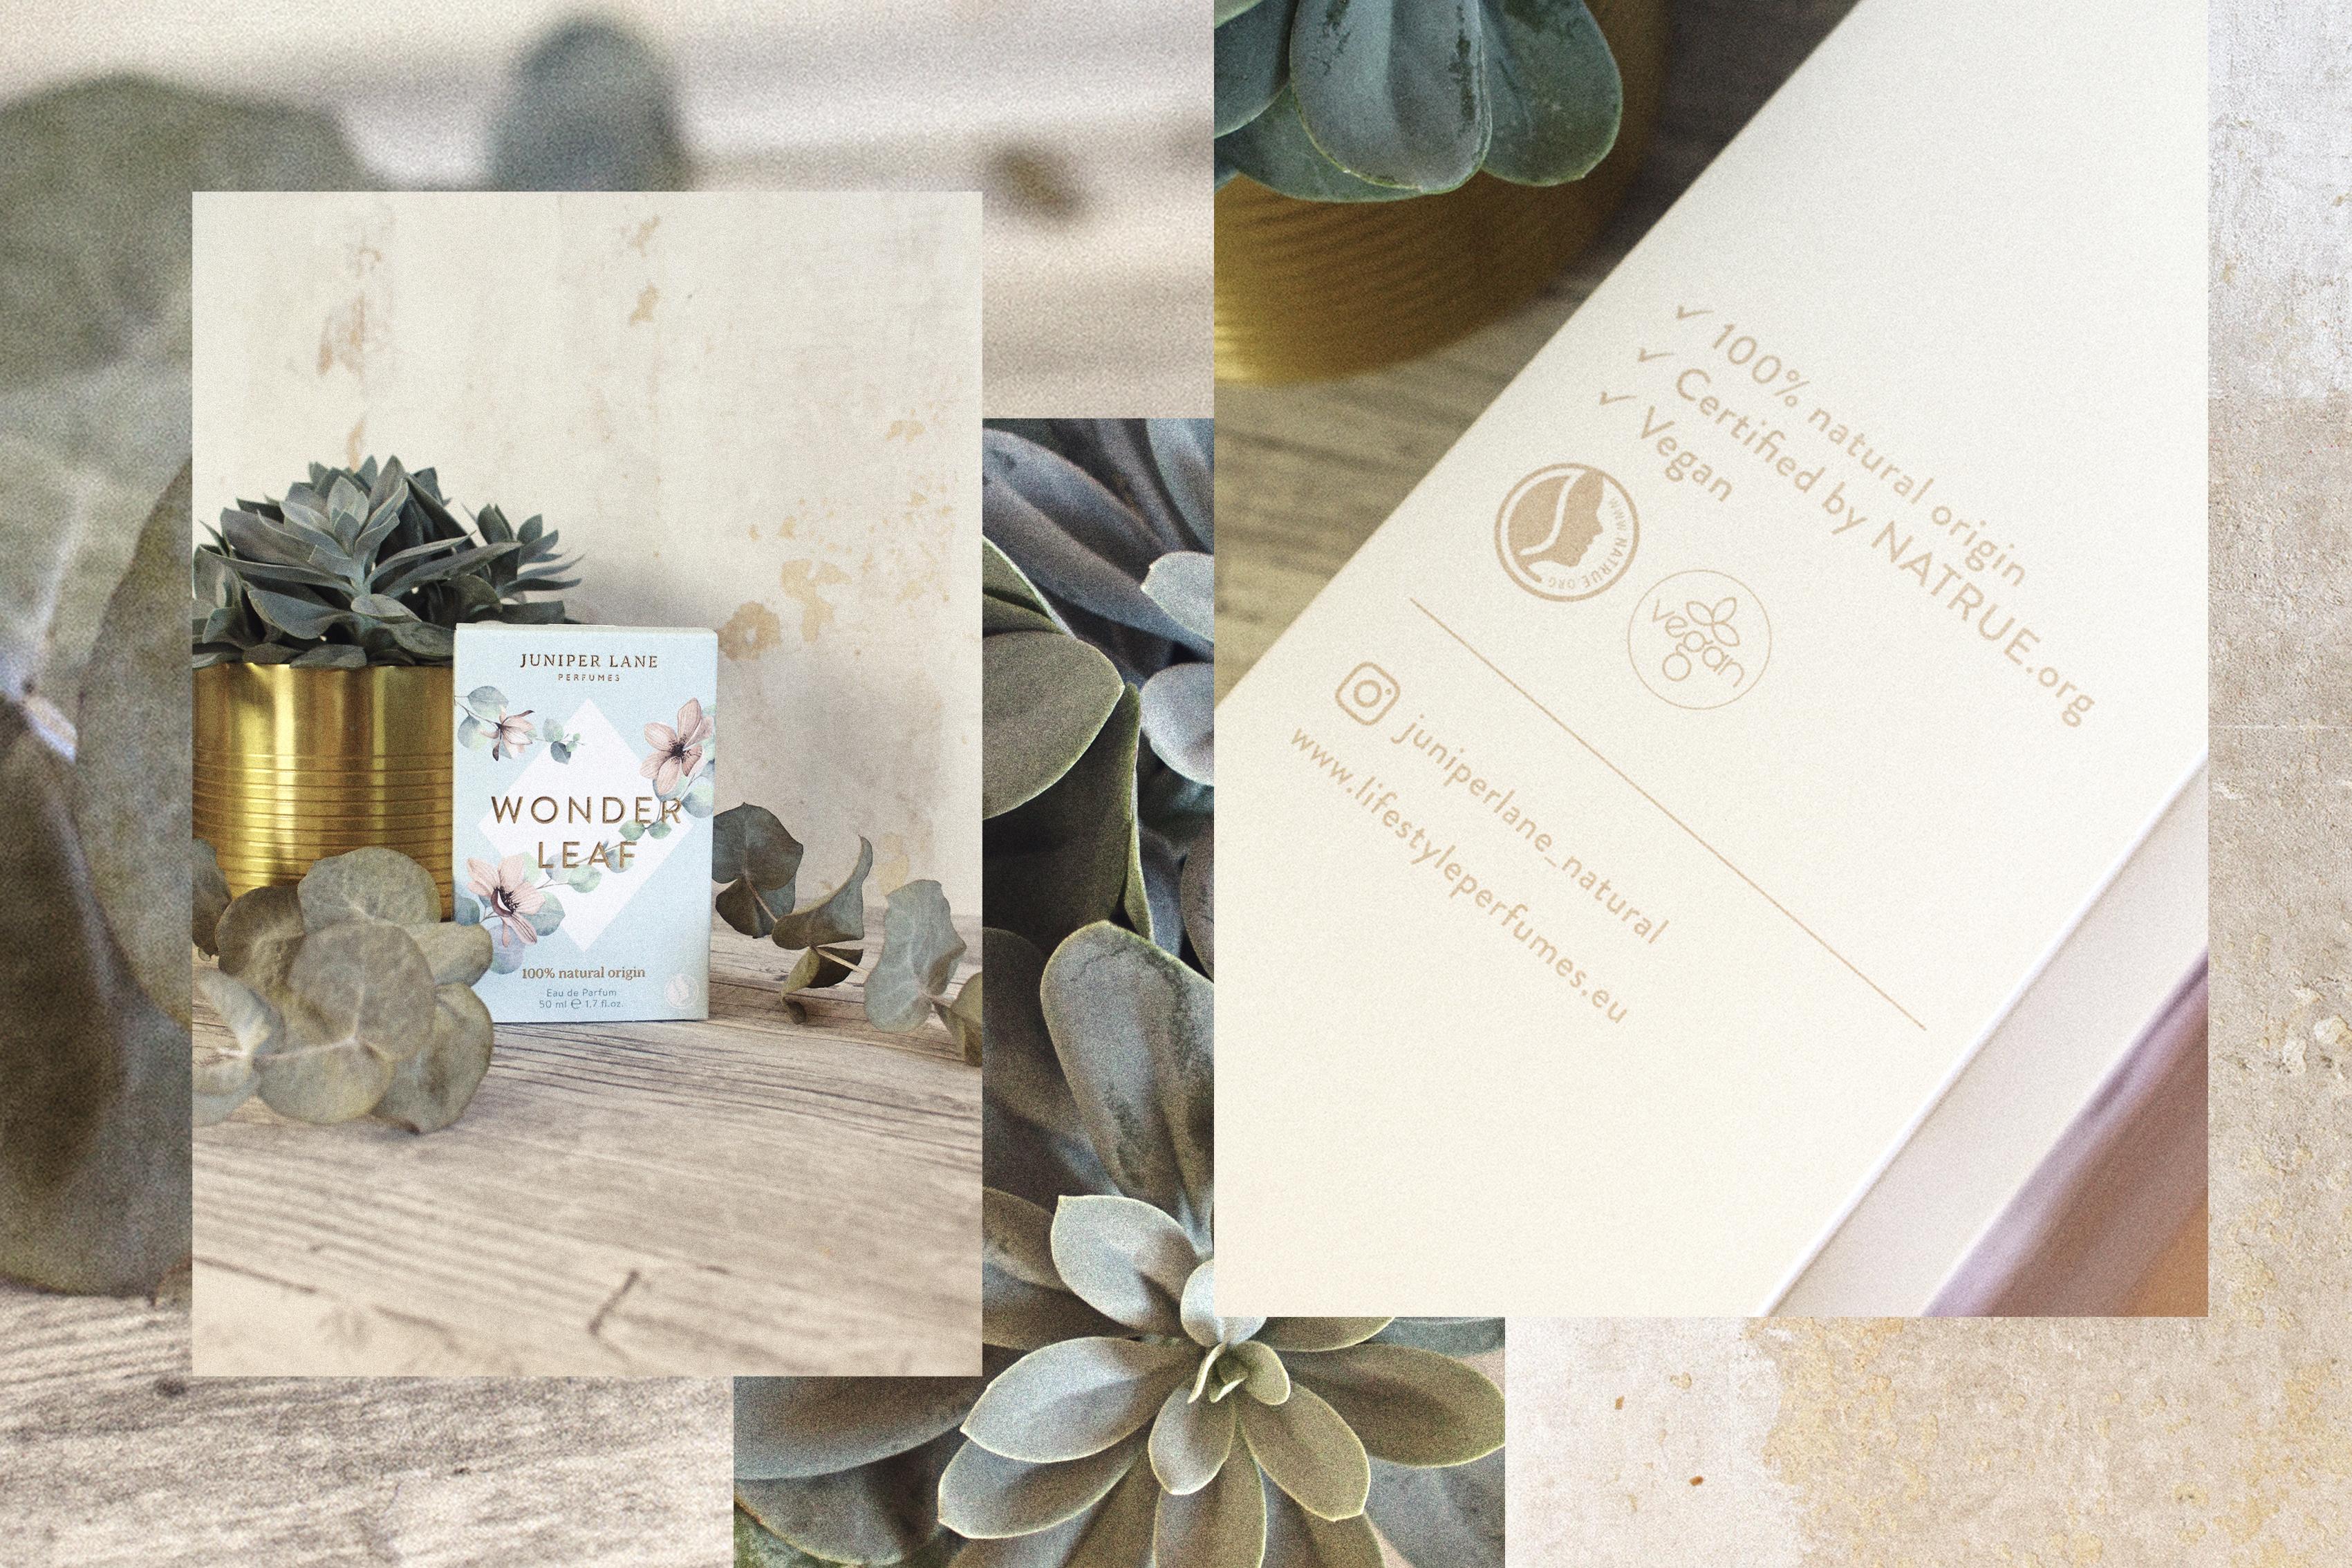 Juniper Lane Parfum Wonderleaf Verpackung